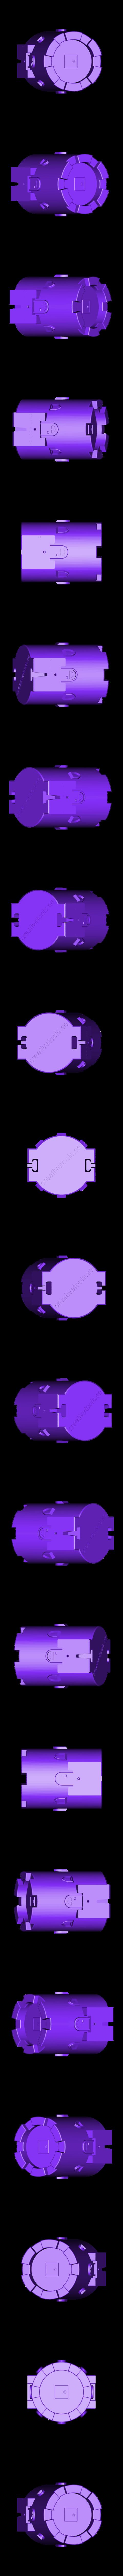 Round_Tower_Straight_Closed_(Modular Castle Playset - 3D-printable)_By_CreativeTools.se.stl Télécharger fichier STL gratuit Plateau modulaire de château (imprimable en 3D) • Modèle à imprimer en 3D, CreativeTools